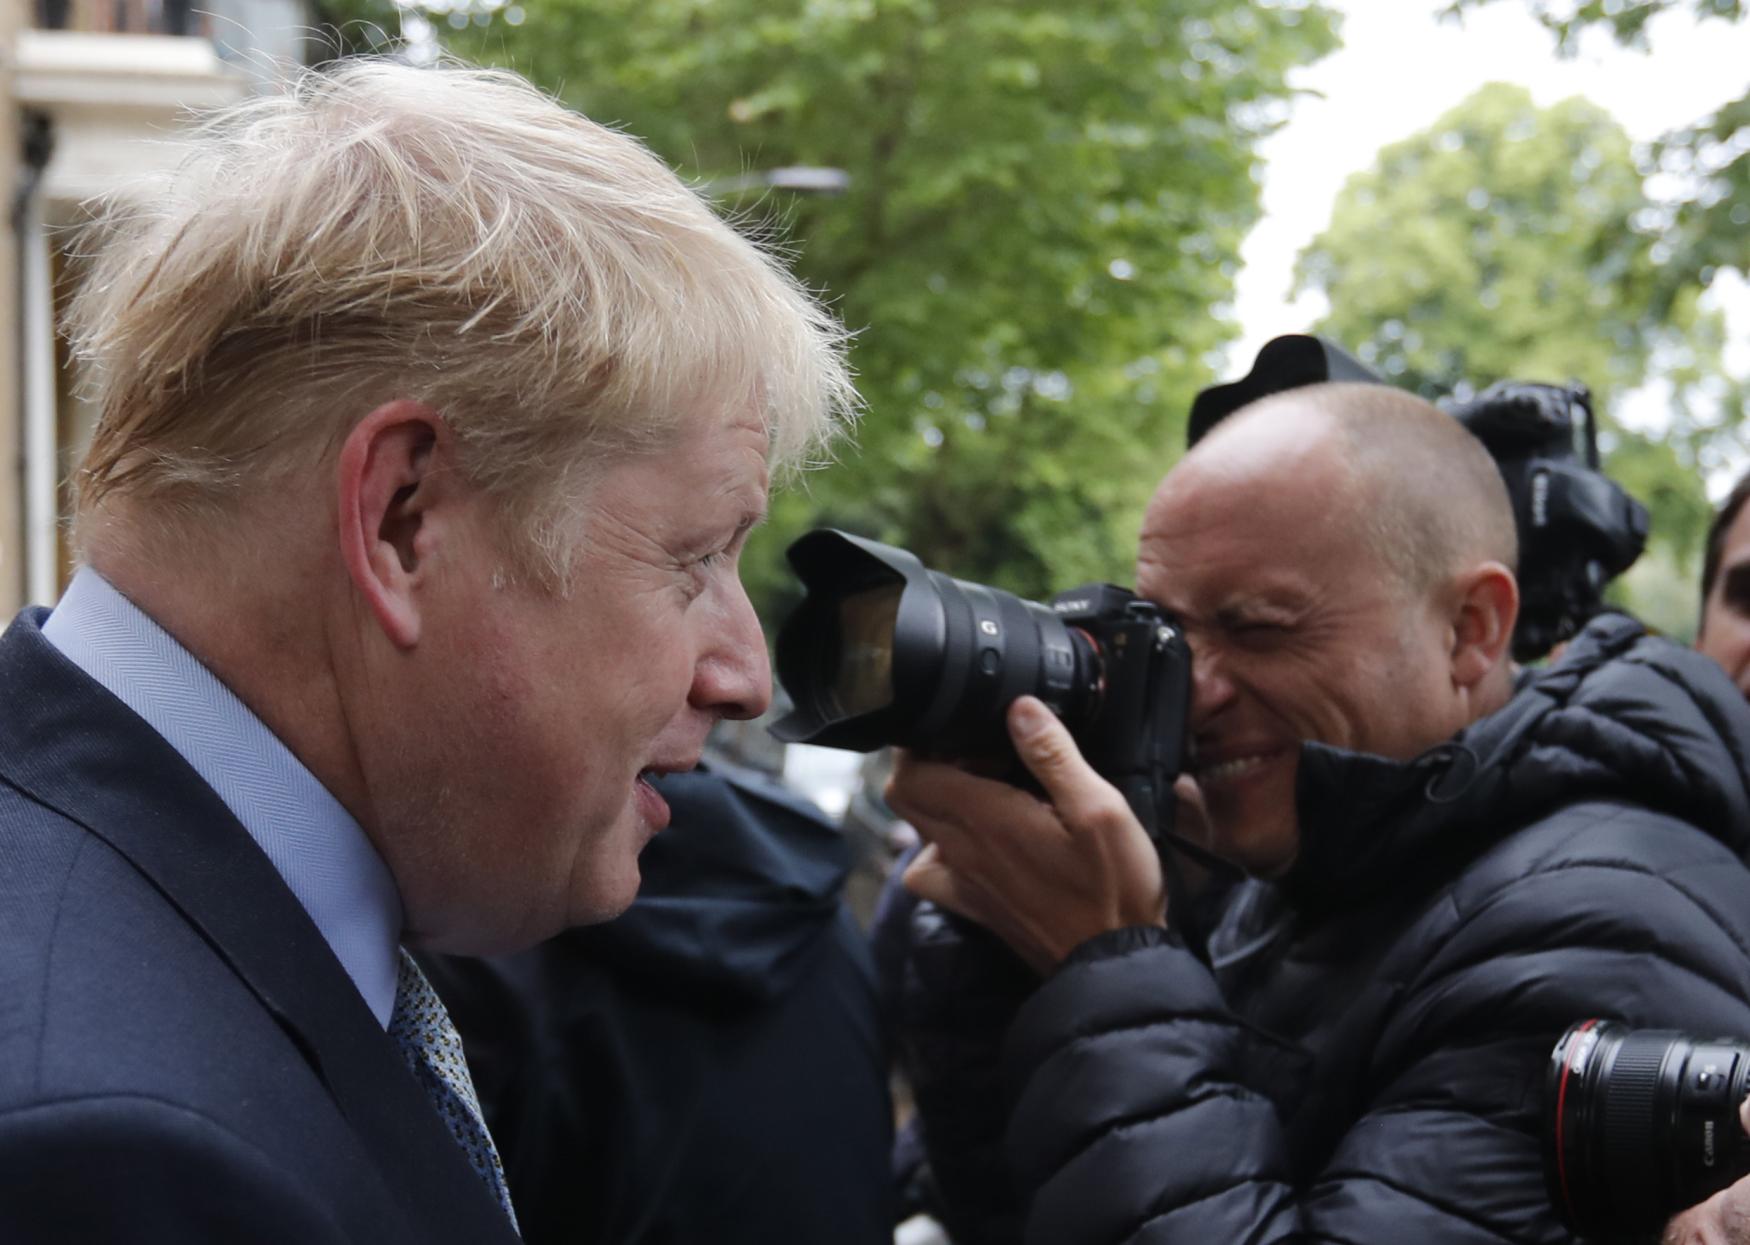 Bude Boris Johnson příštím britským premiérem?